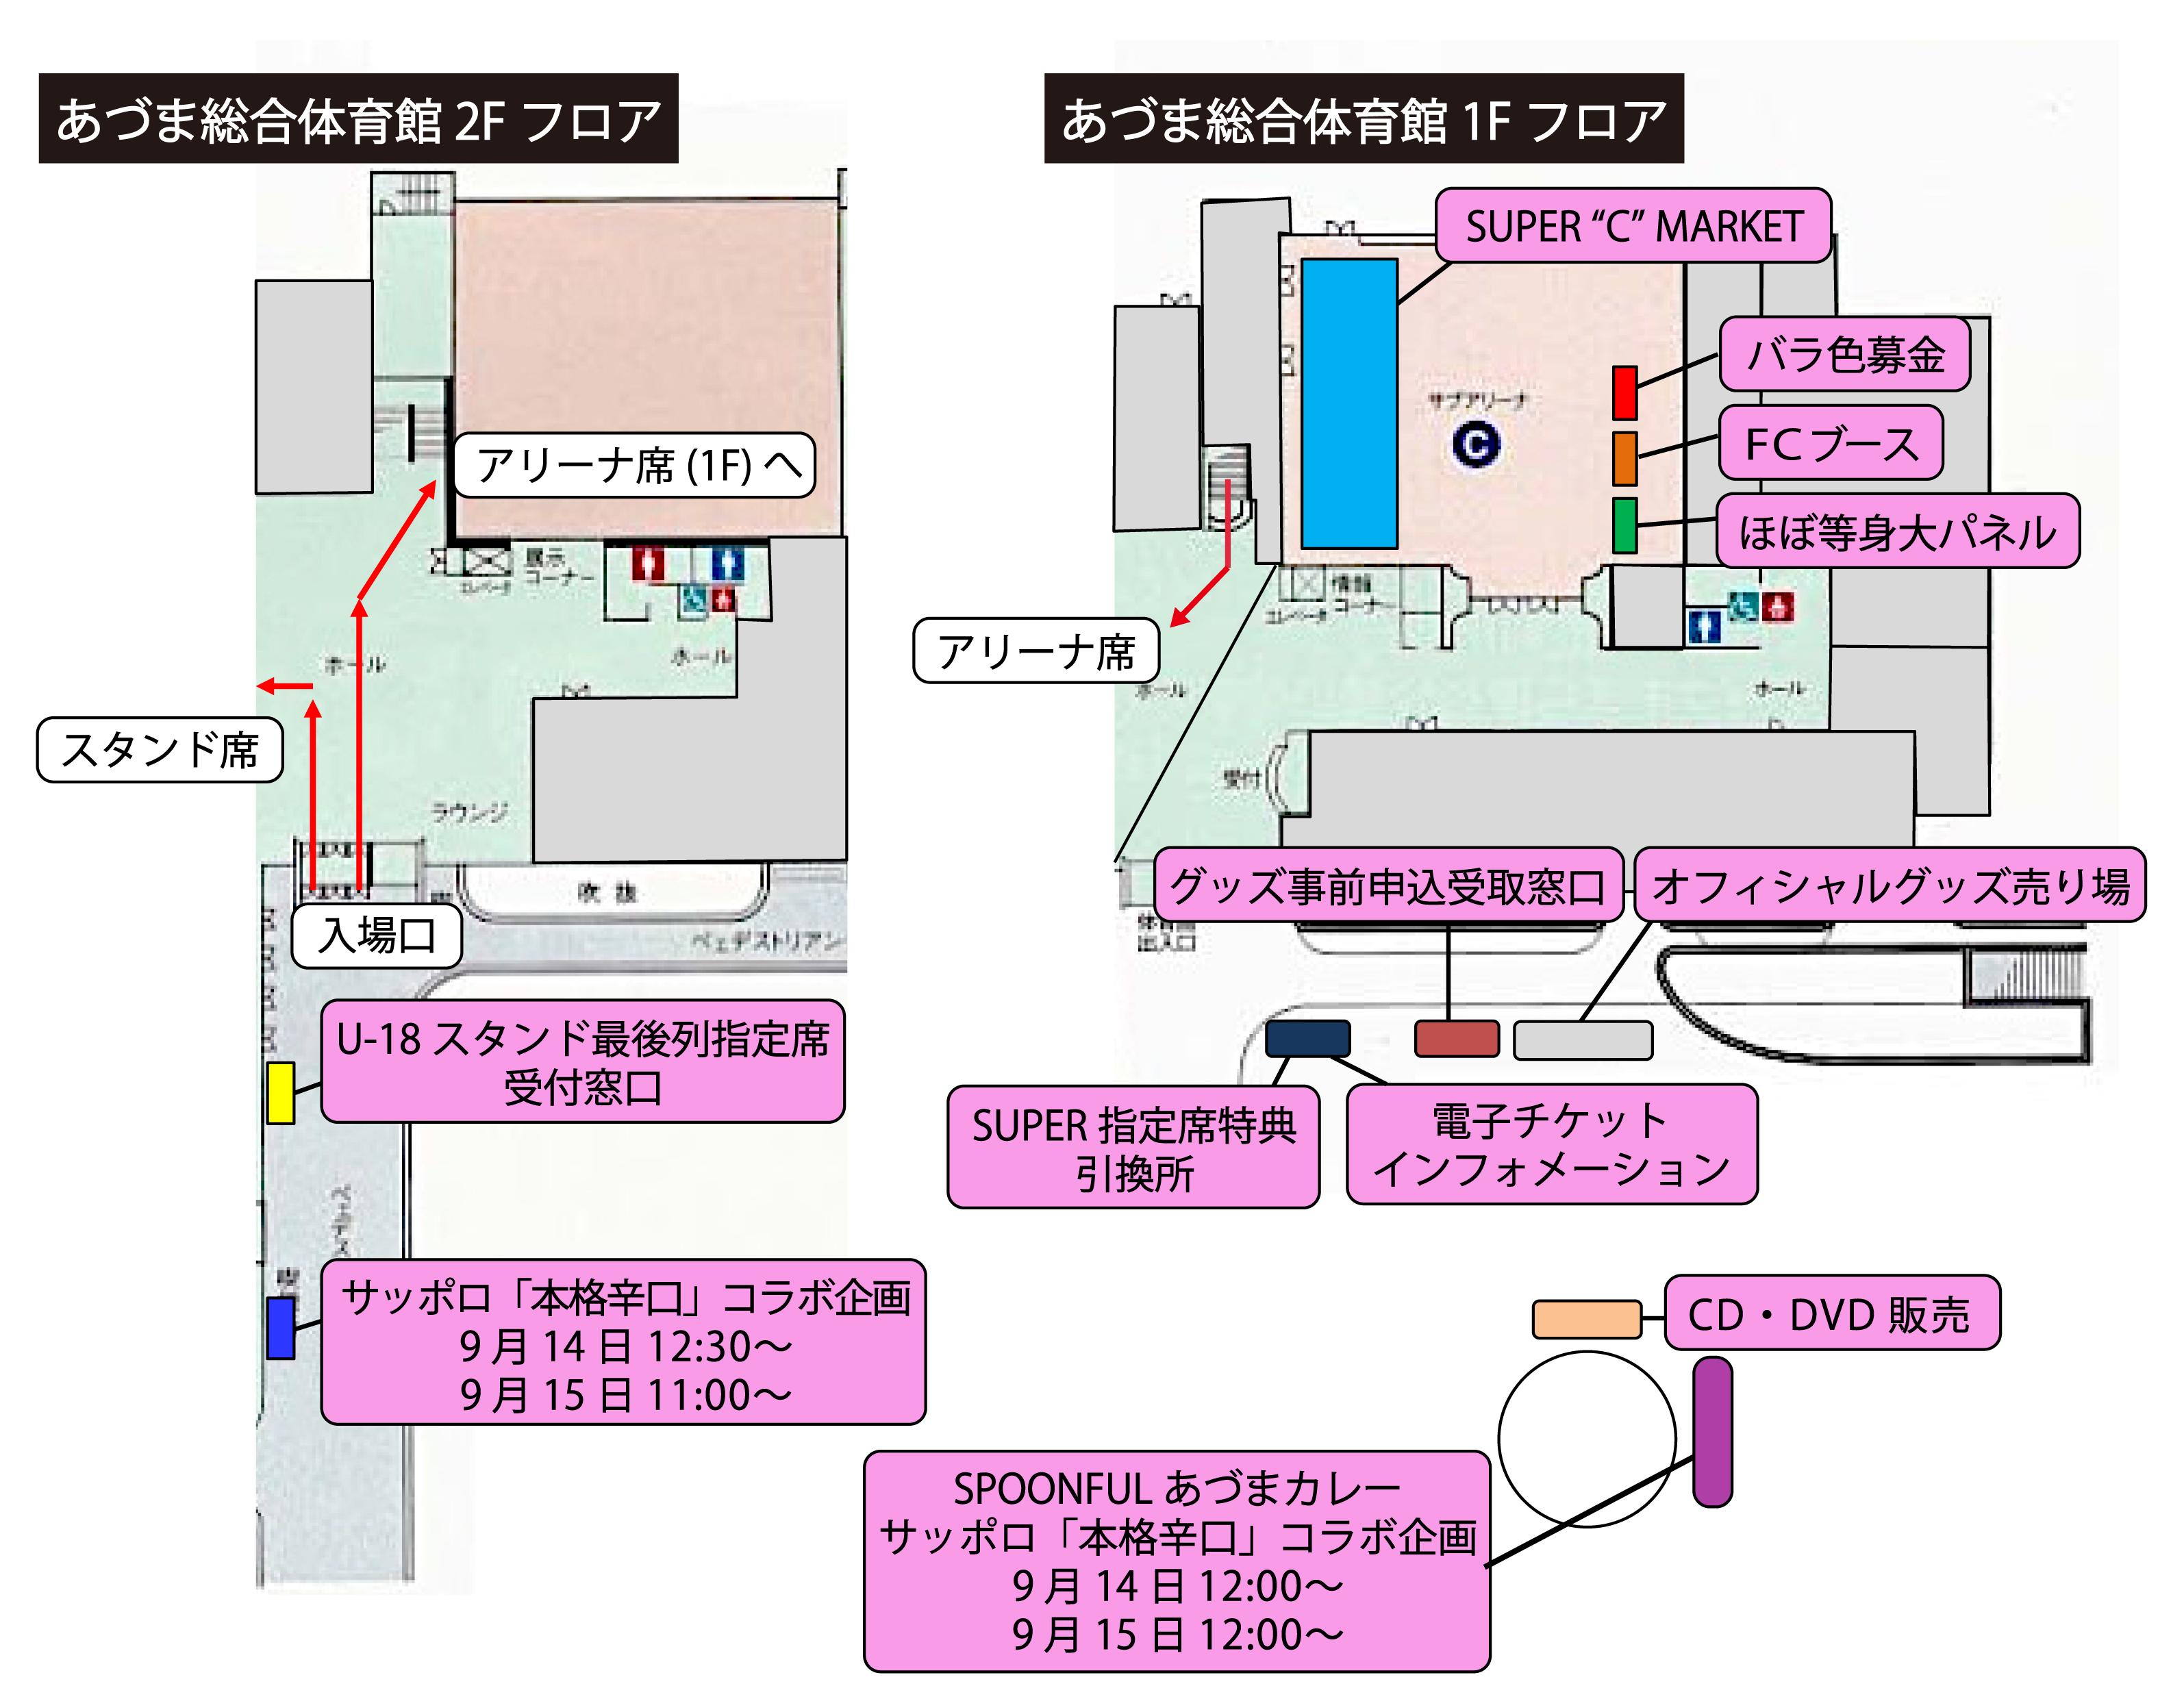 あづま総合体育館 チケット